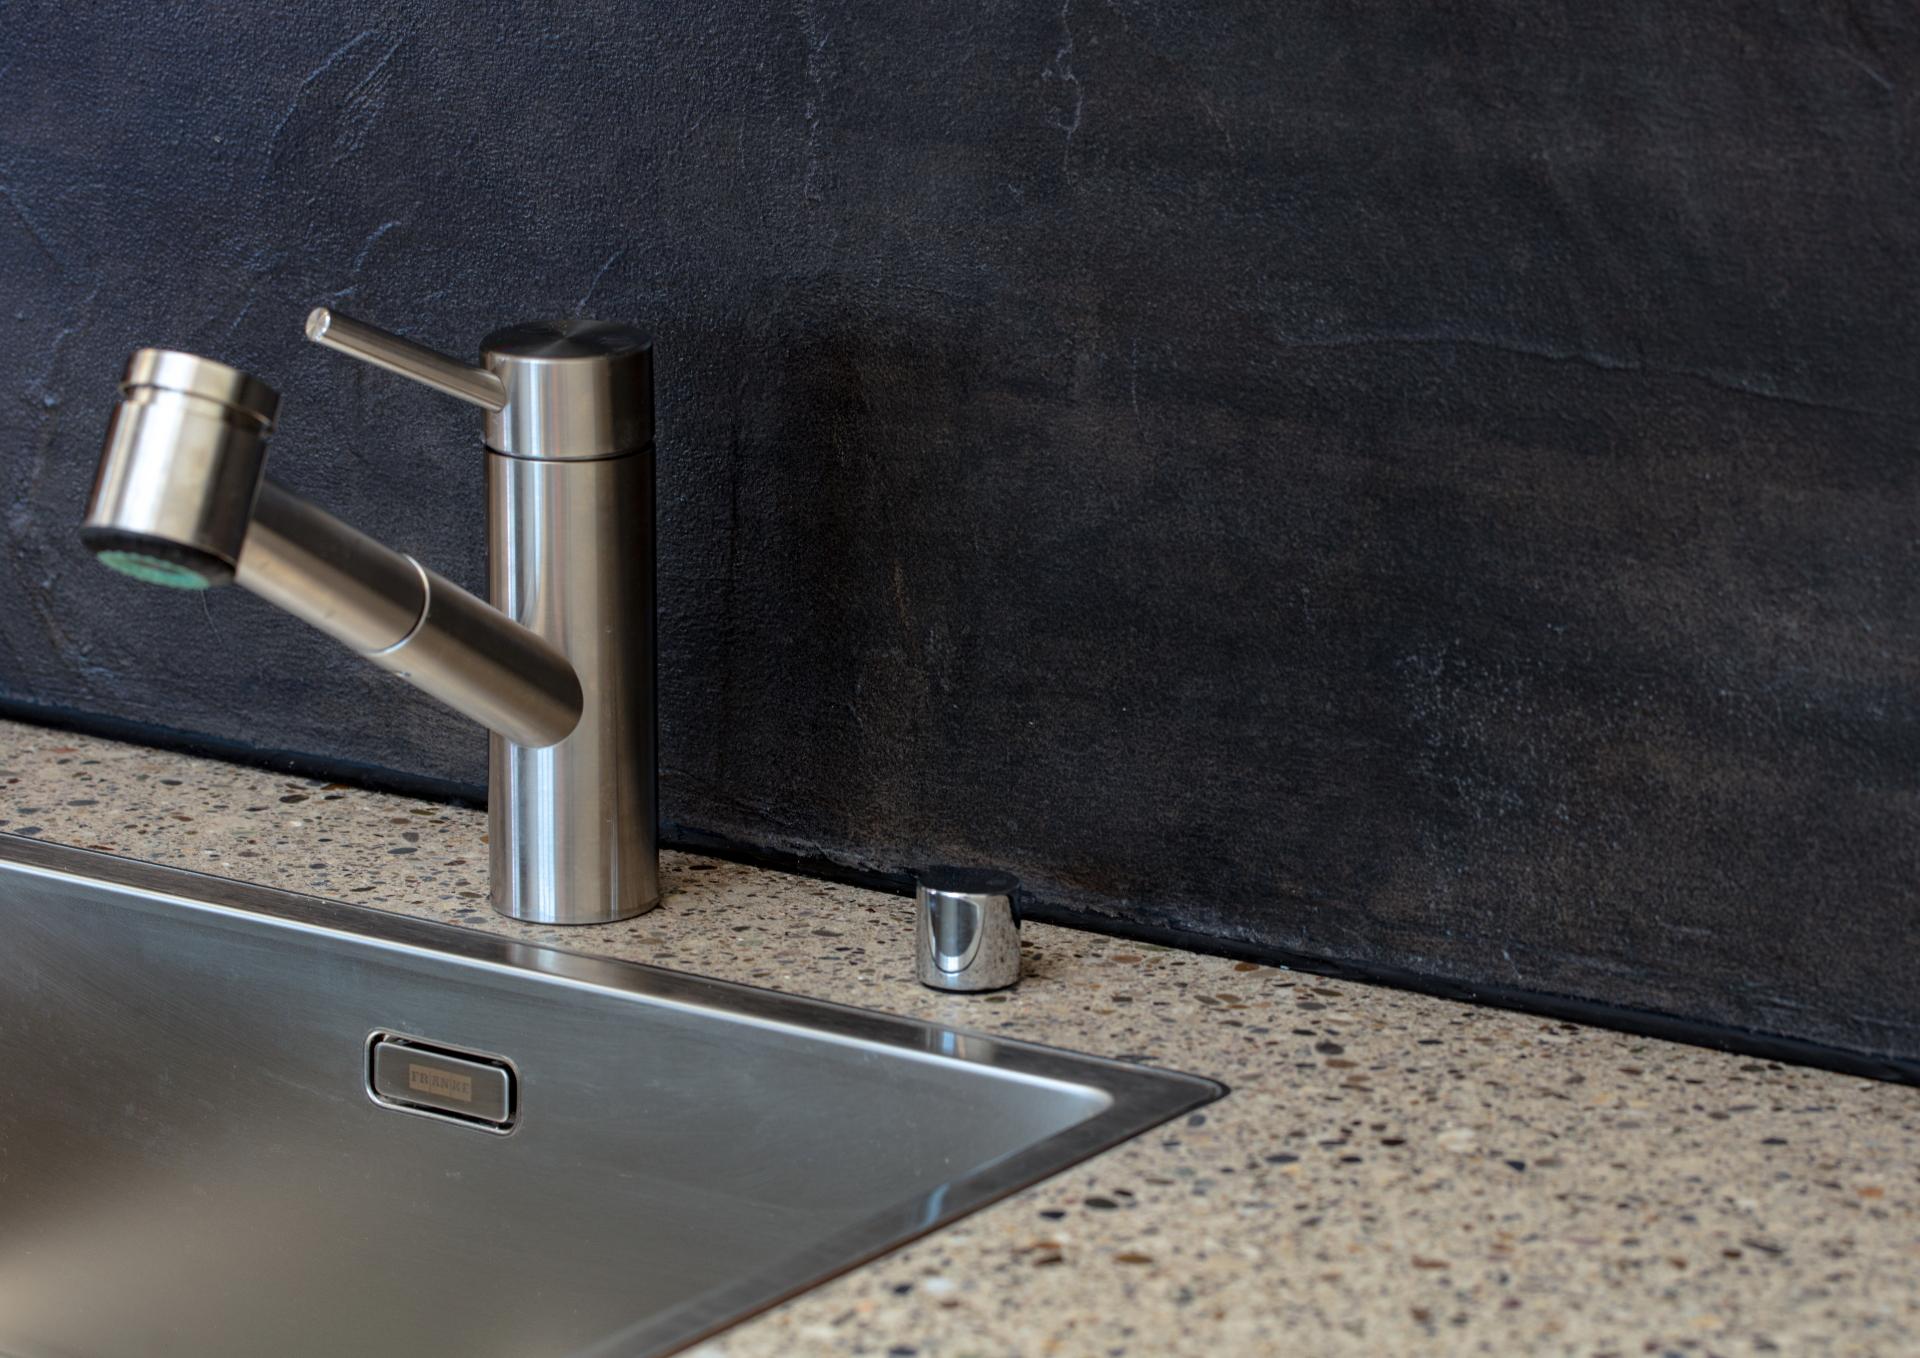 Küchenabdeckung mit Rheo-Decor weiss